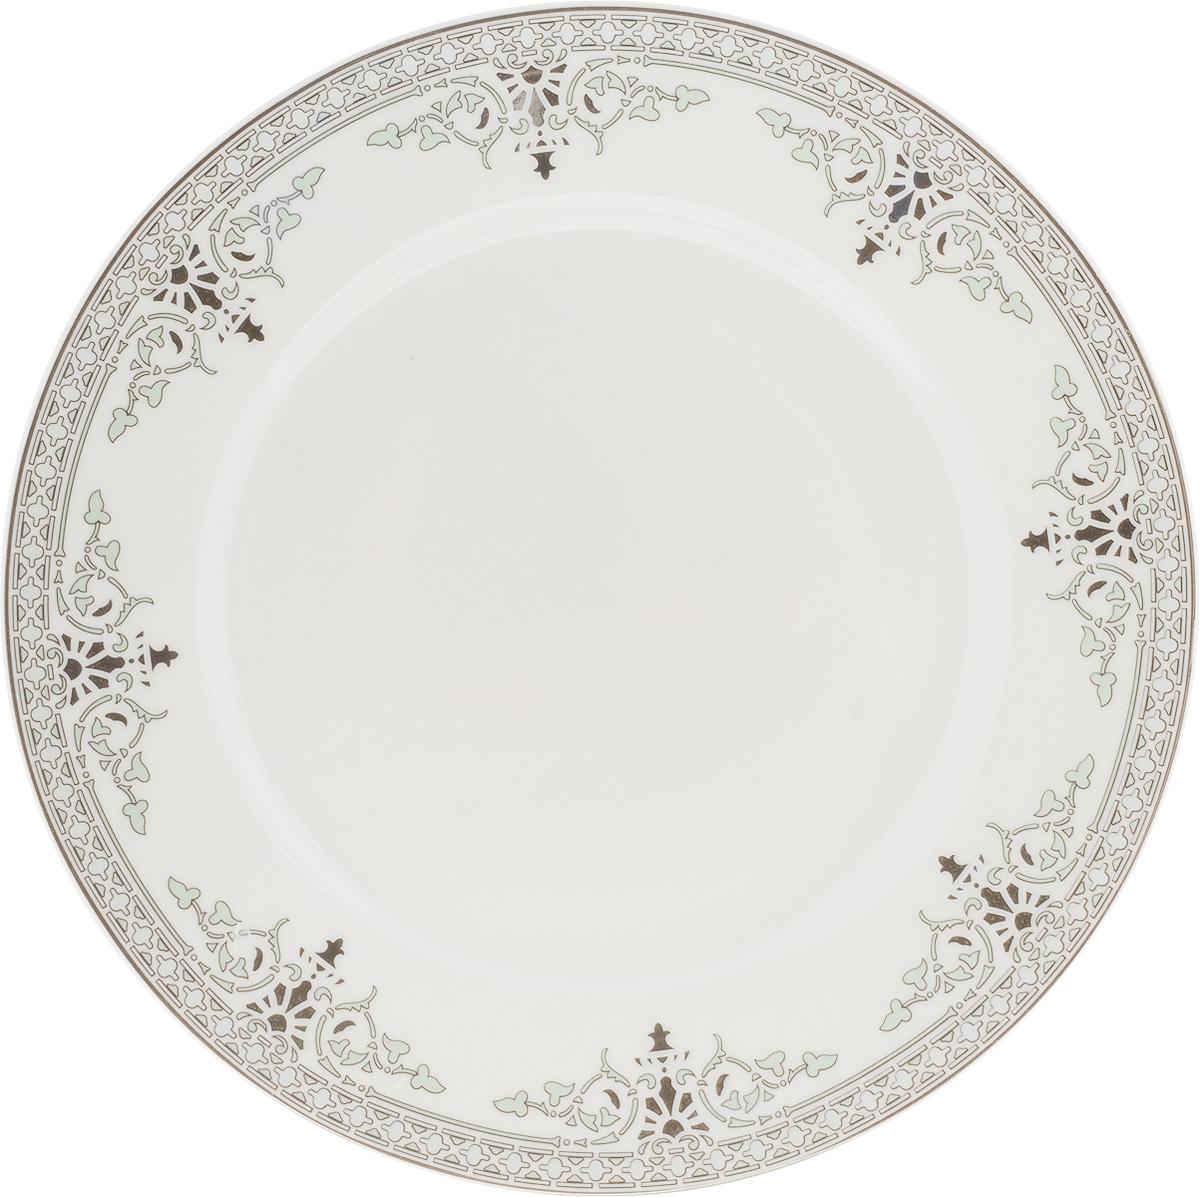 Тарелка десертная Венеция, диаметр 19 см216685Десертная тарелка Венеция изготовлена из глазурованного фарфора. Она предназначена для подачи десертов. Также может использоваться как блюдо для сервировки закусок. Изящная тарелка прекрасно оформит стол и порадует ваших гостей изысканным дизайном и формой. Диаметр тарелки: 19 см.